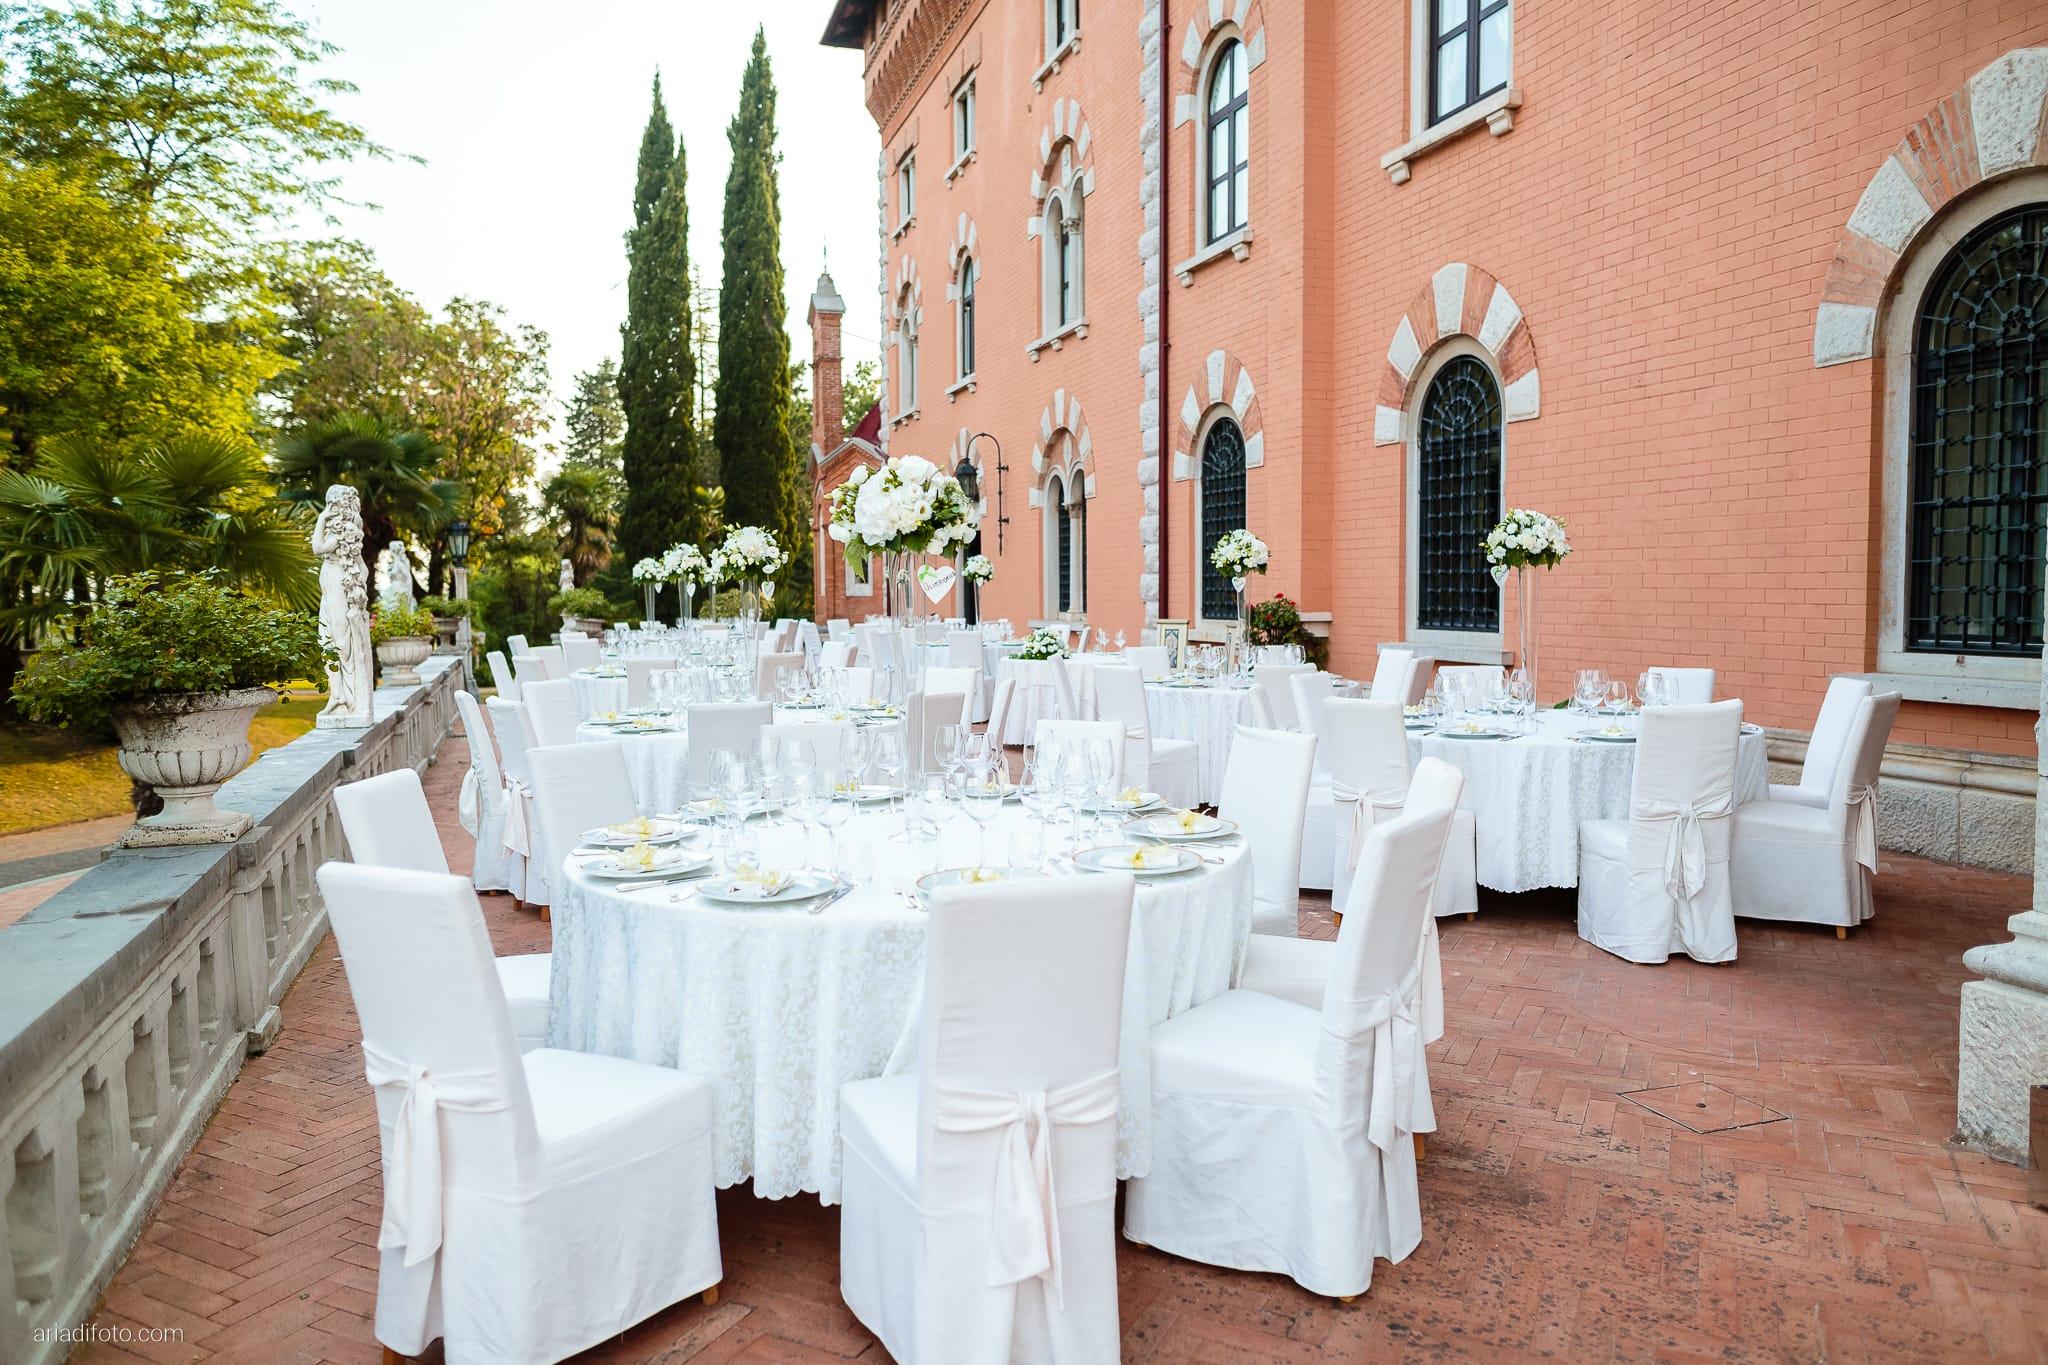 Erica Stefano Matrimonio Duino Castello Spessa Capriva Del Friuli Gorizia ricevimento dettagli sala decorazioni centrotavola allestimenti